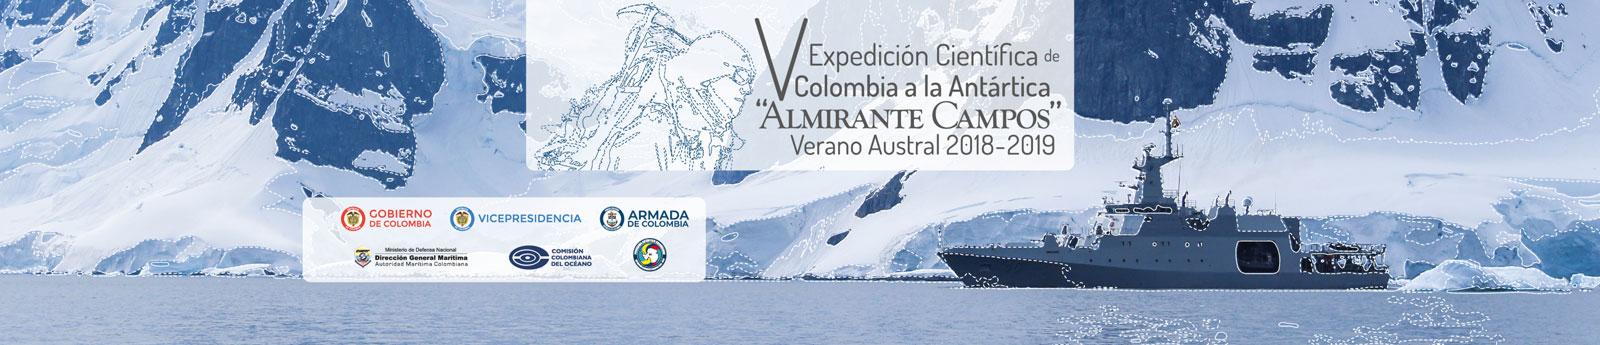 Inicia la V Expedición Científica de Colombia a la Antártica 'Almirante Campos'